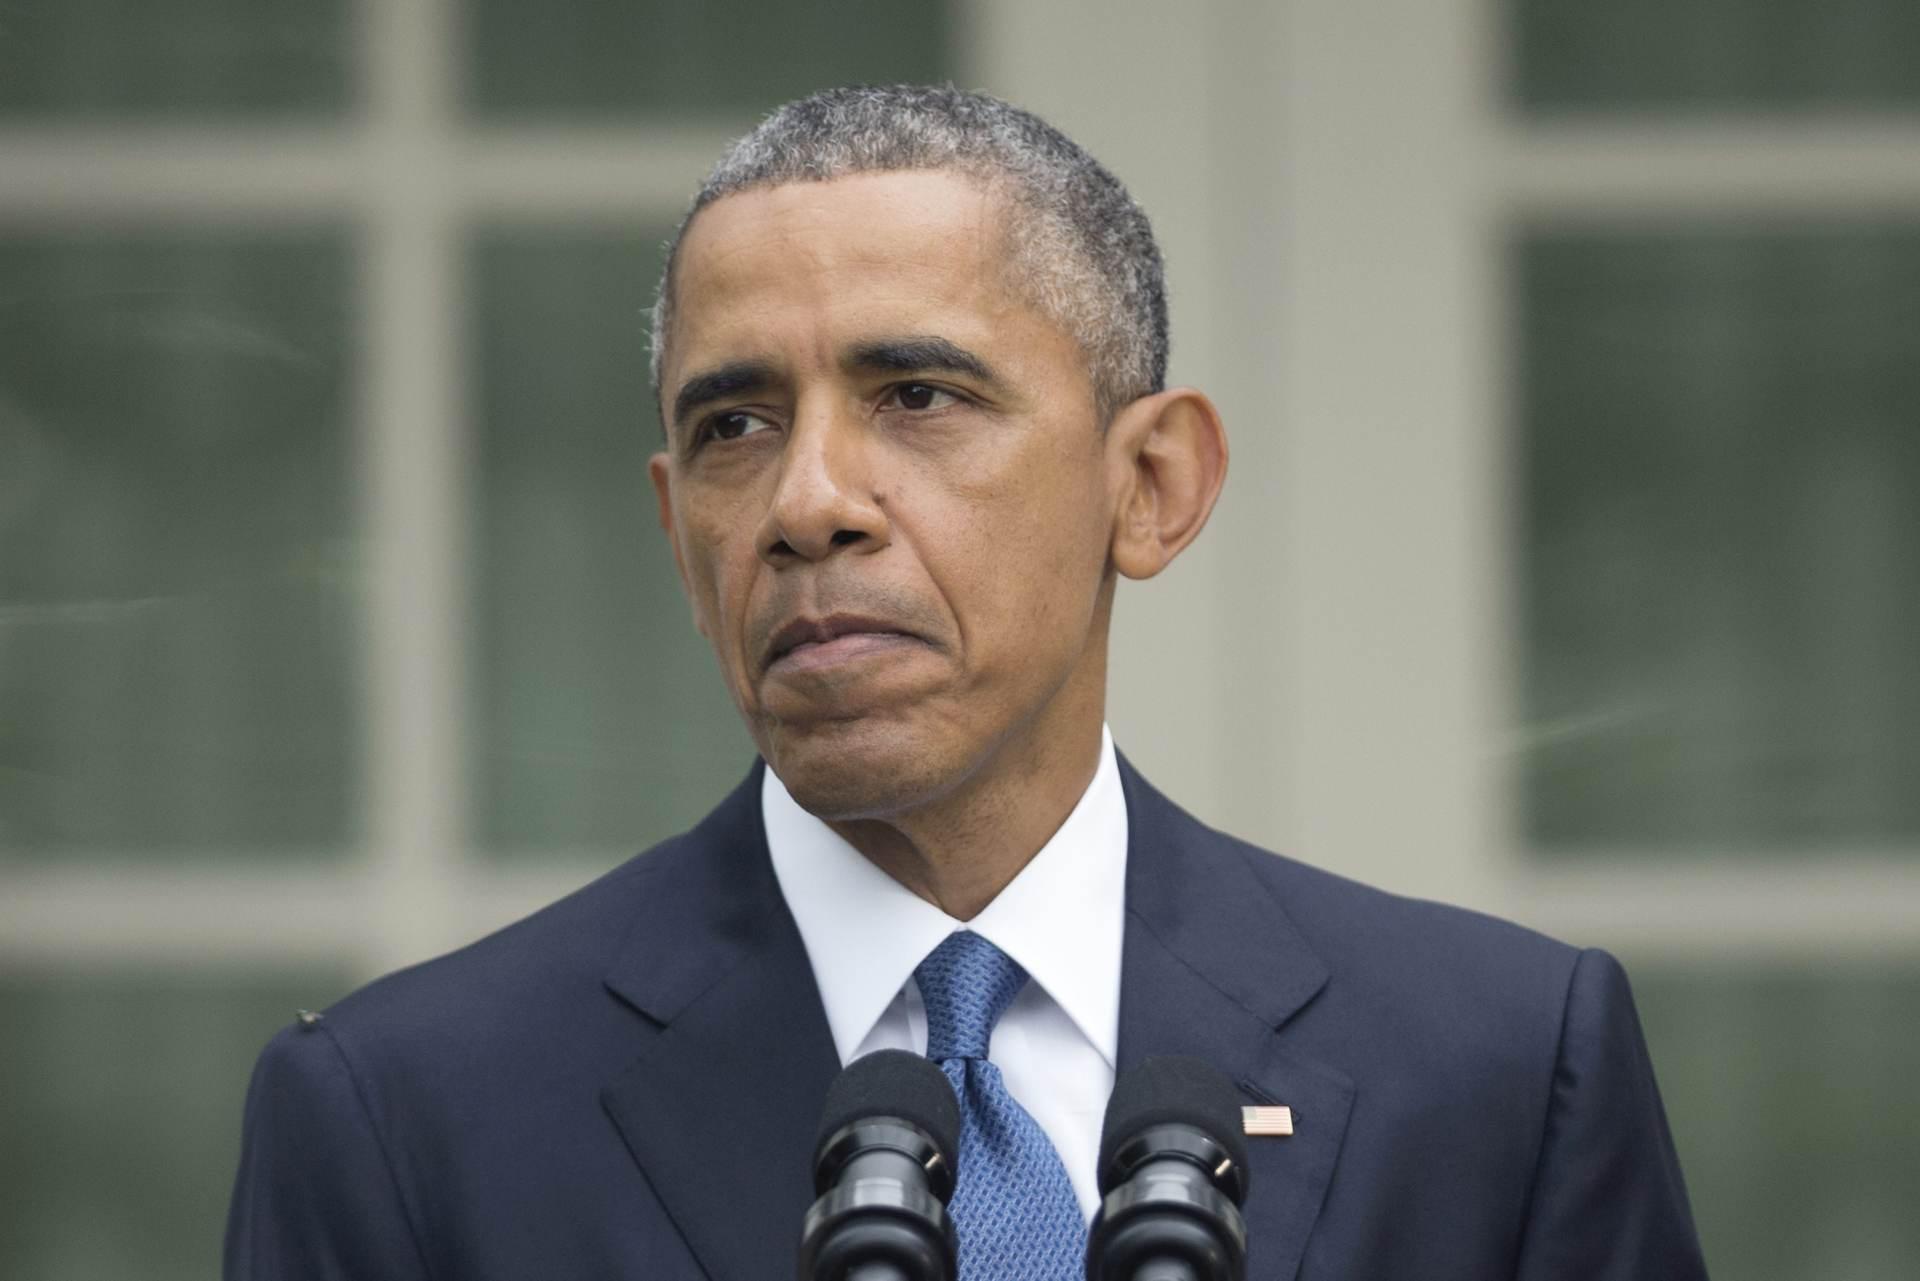 MASAKR U CHARLESTONU: Obama zapjevao na pogrebu